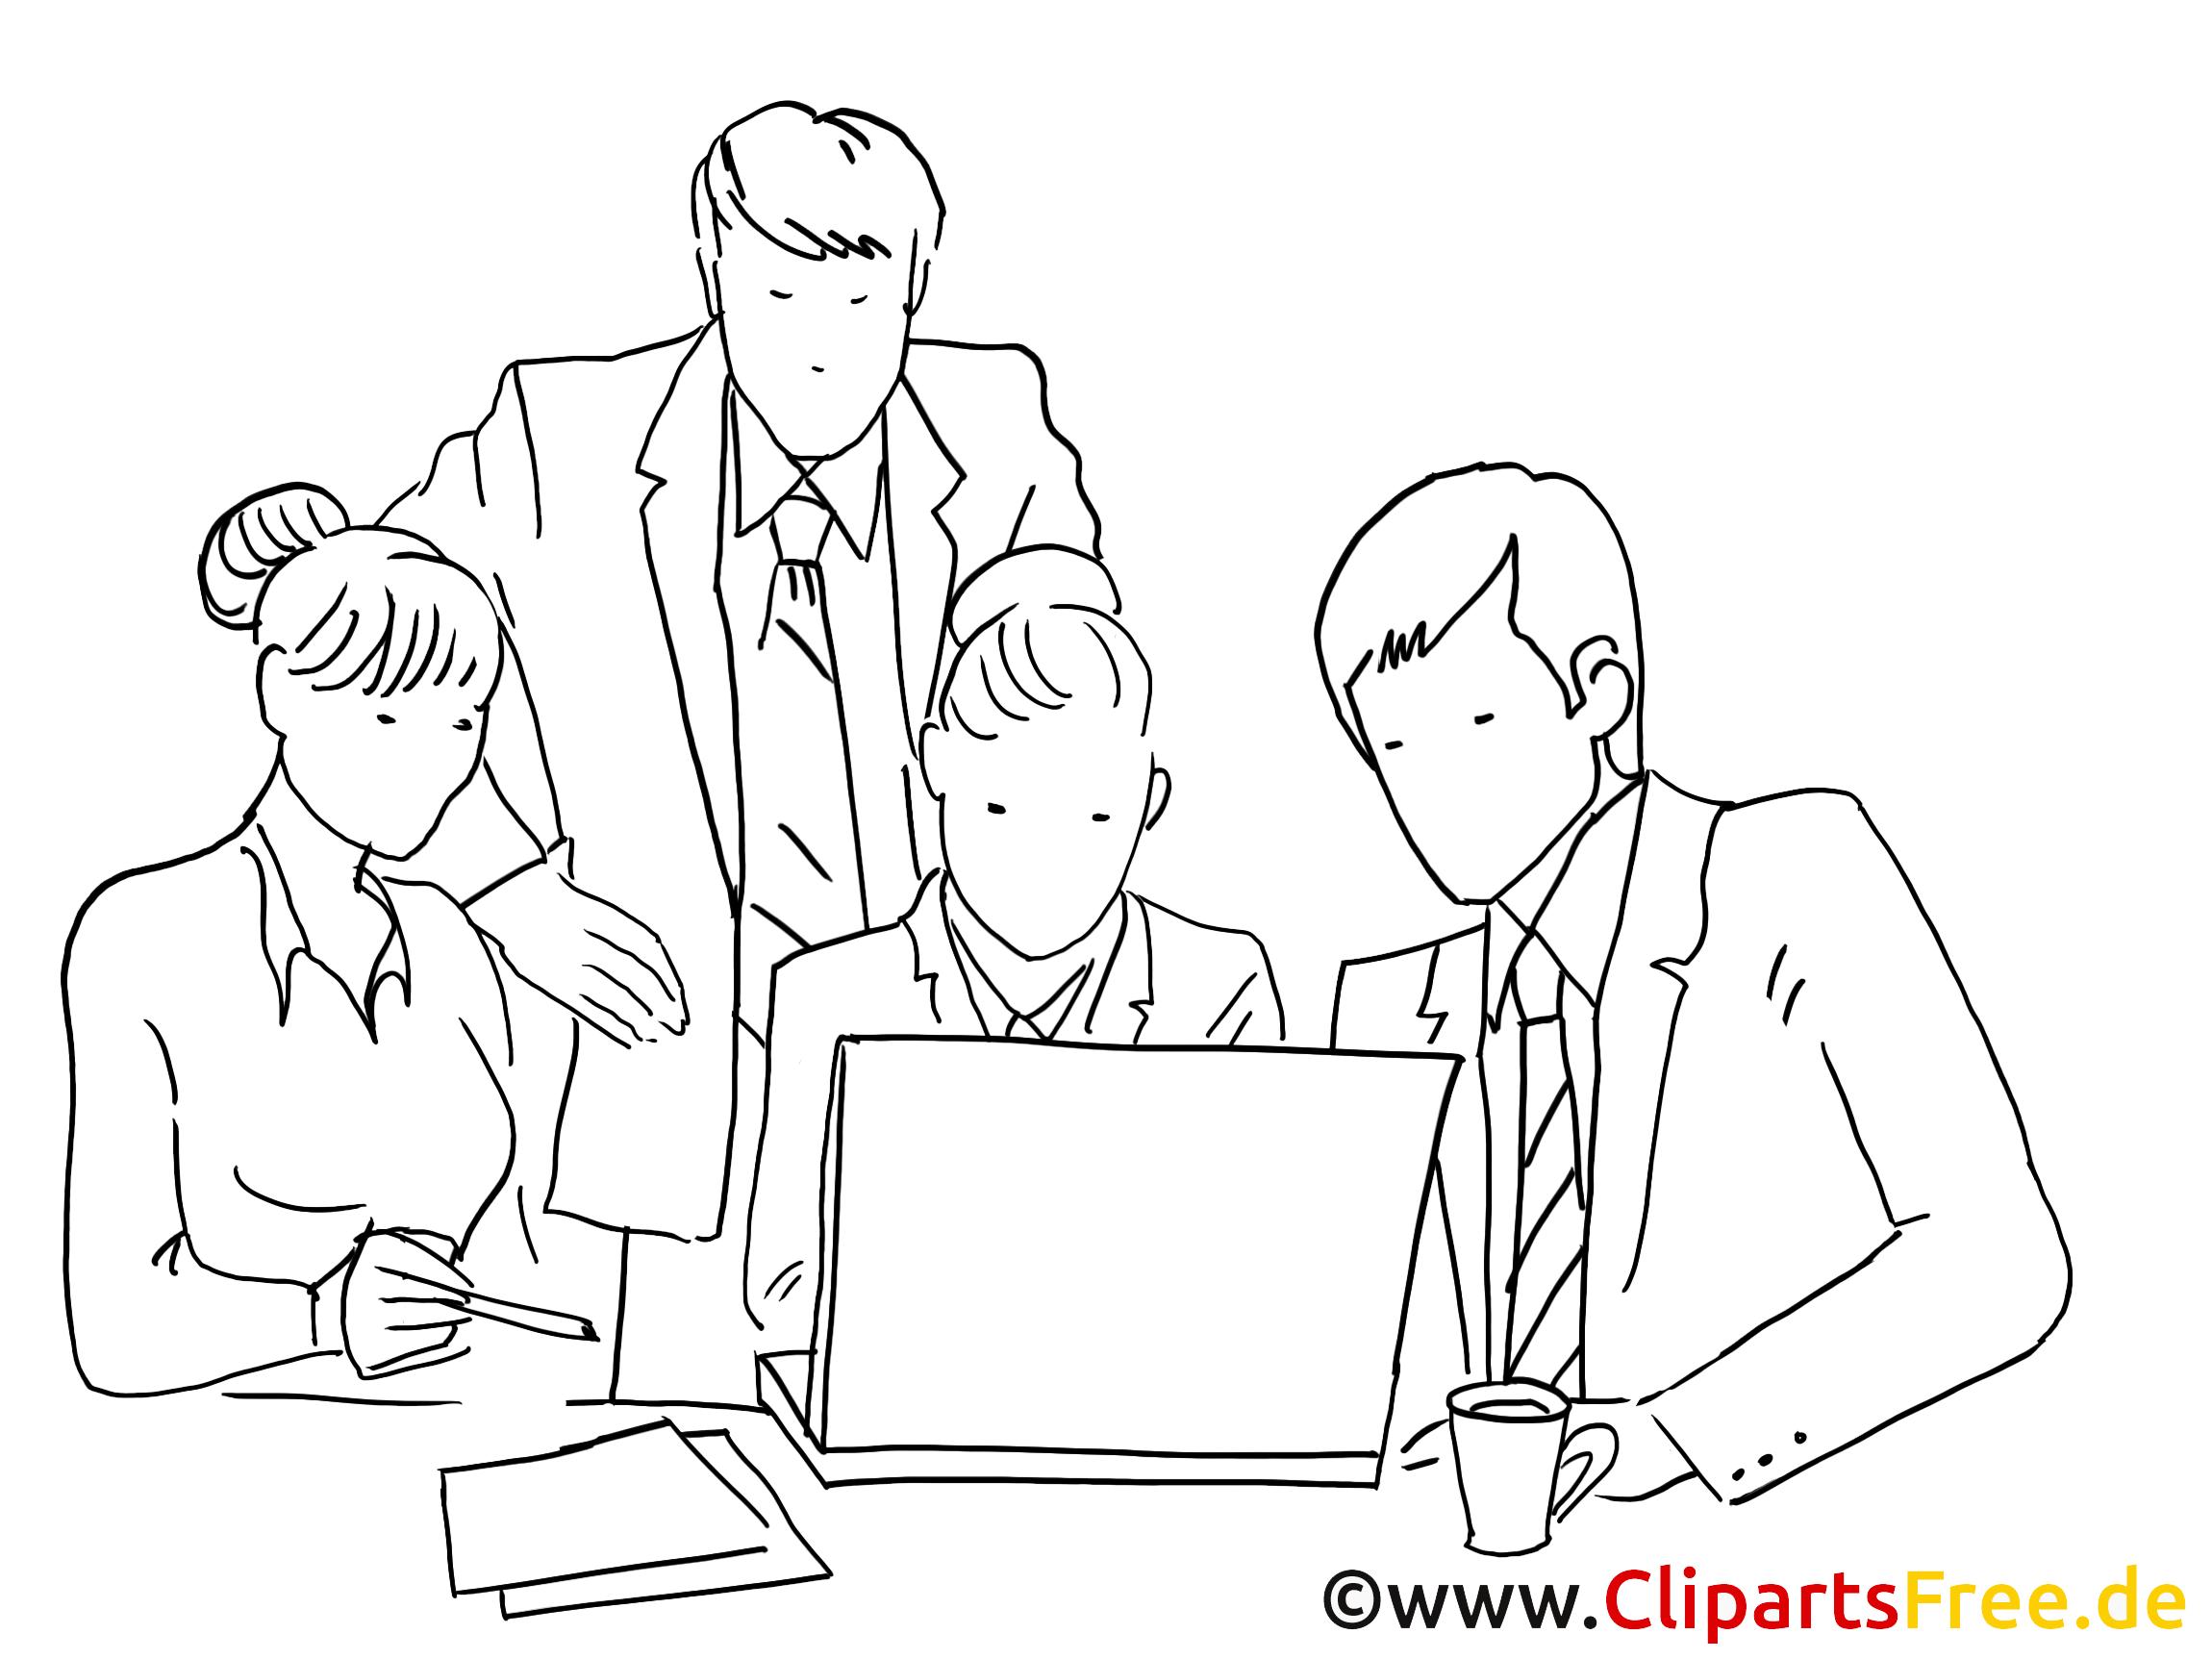 Équipe image à colorier – Finances clipart